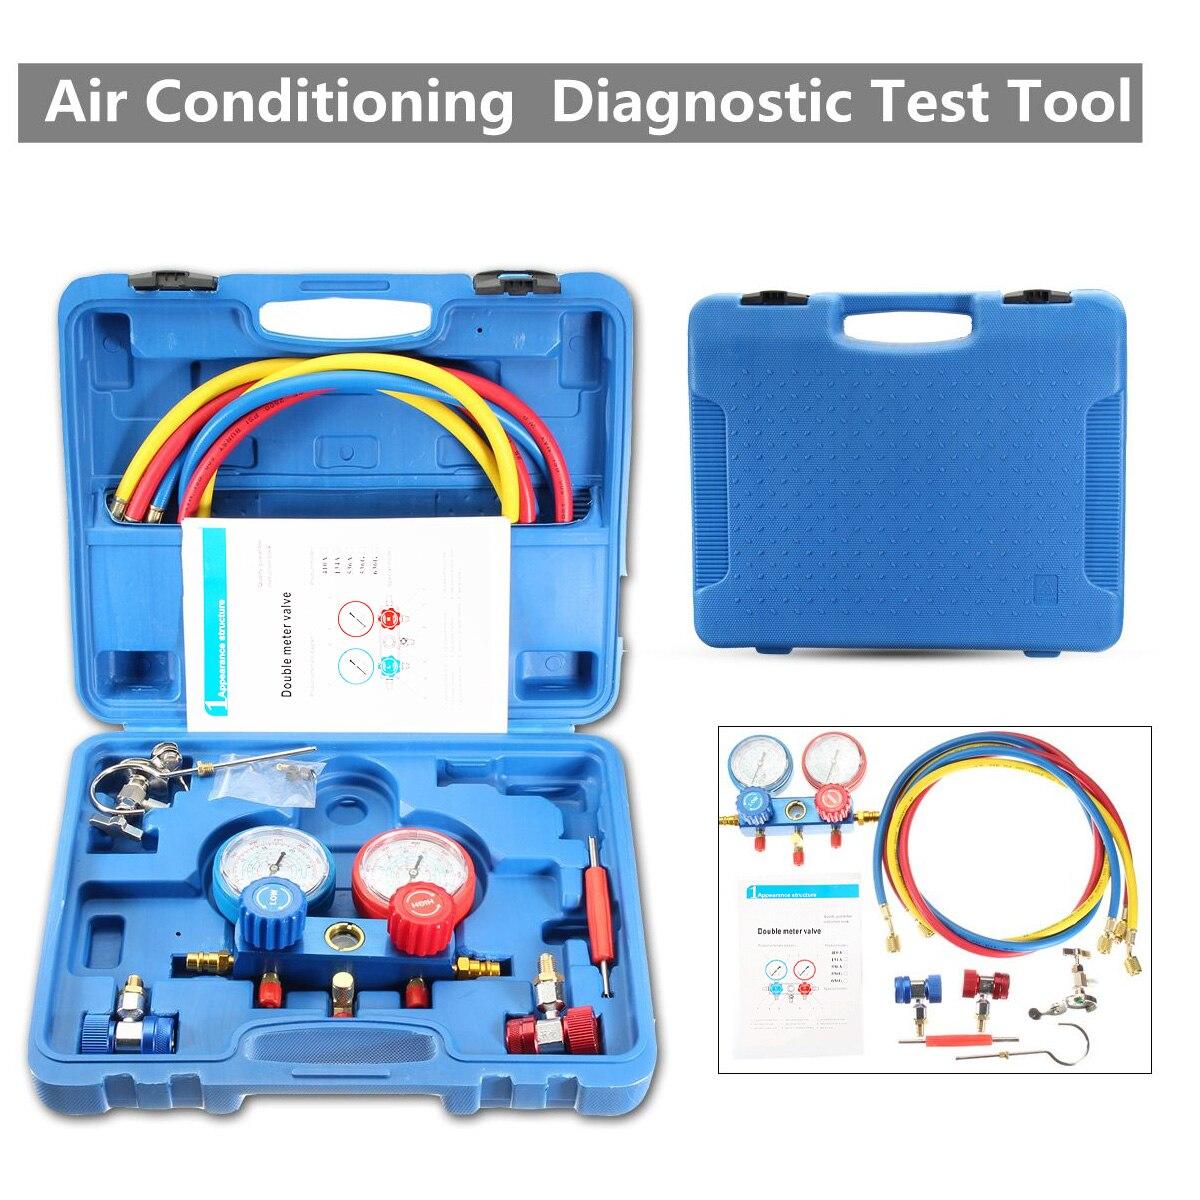 Pressão de ar Condicionado Manómetro Mangueira Kit Para carro medidor De Pressão do Refrigerante R134A R22 ar condicionado refrigerante gaug